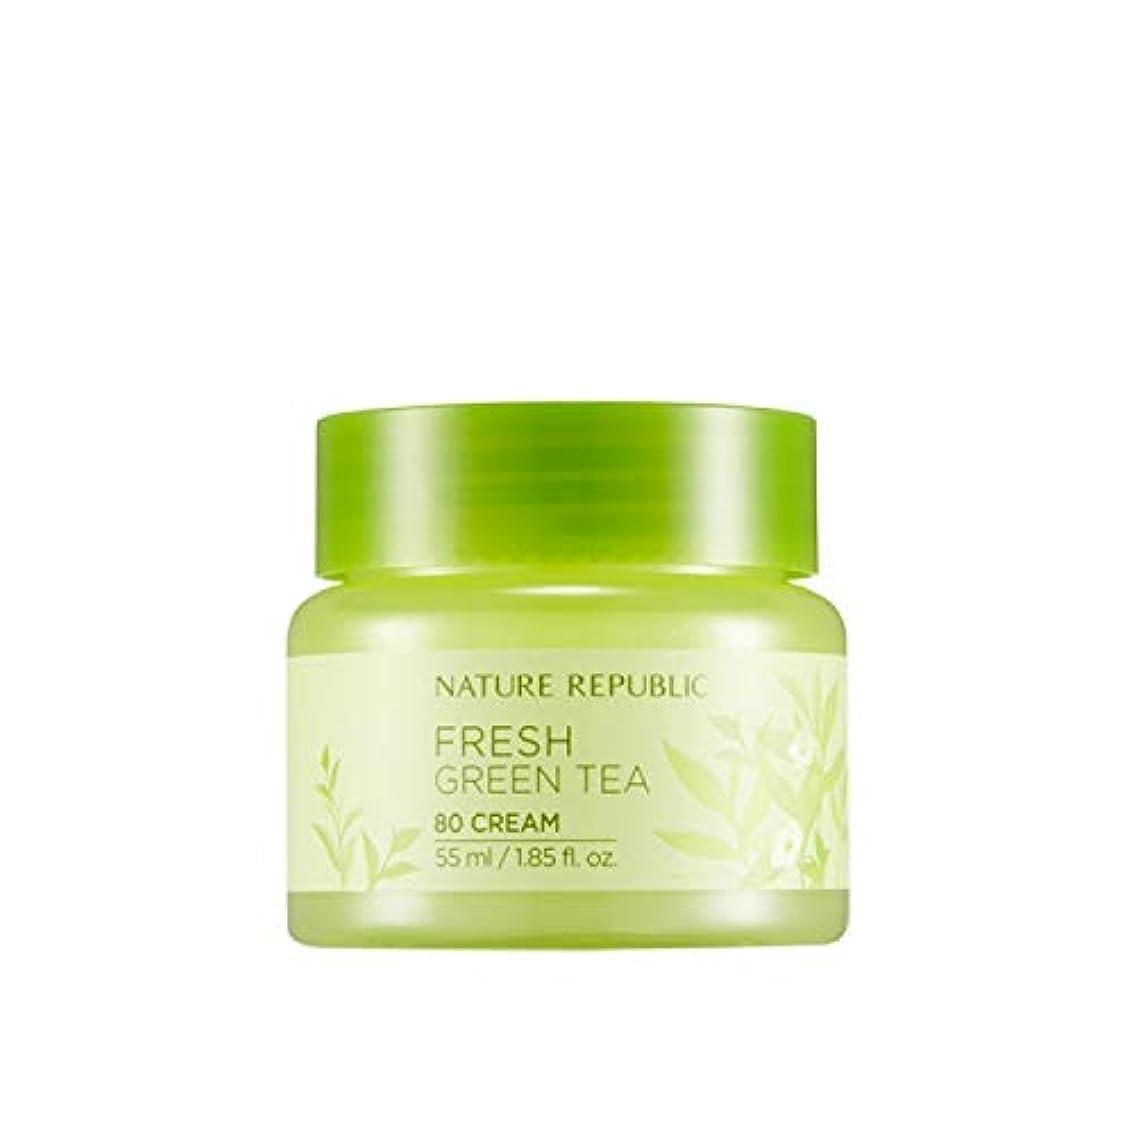 引っ張るリーク音楽ネイチャーリパブリック(Nature Republic)フレッシュグリーンティー80クリーム 55ml / Fresh Green Tea 80 Cream 55ml :: 韓国コスメ [並行輸入品]